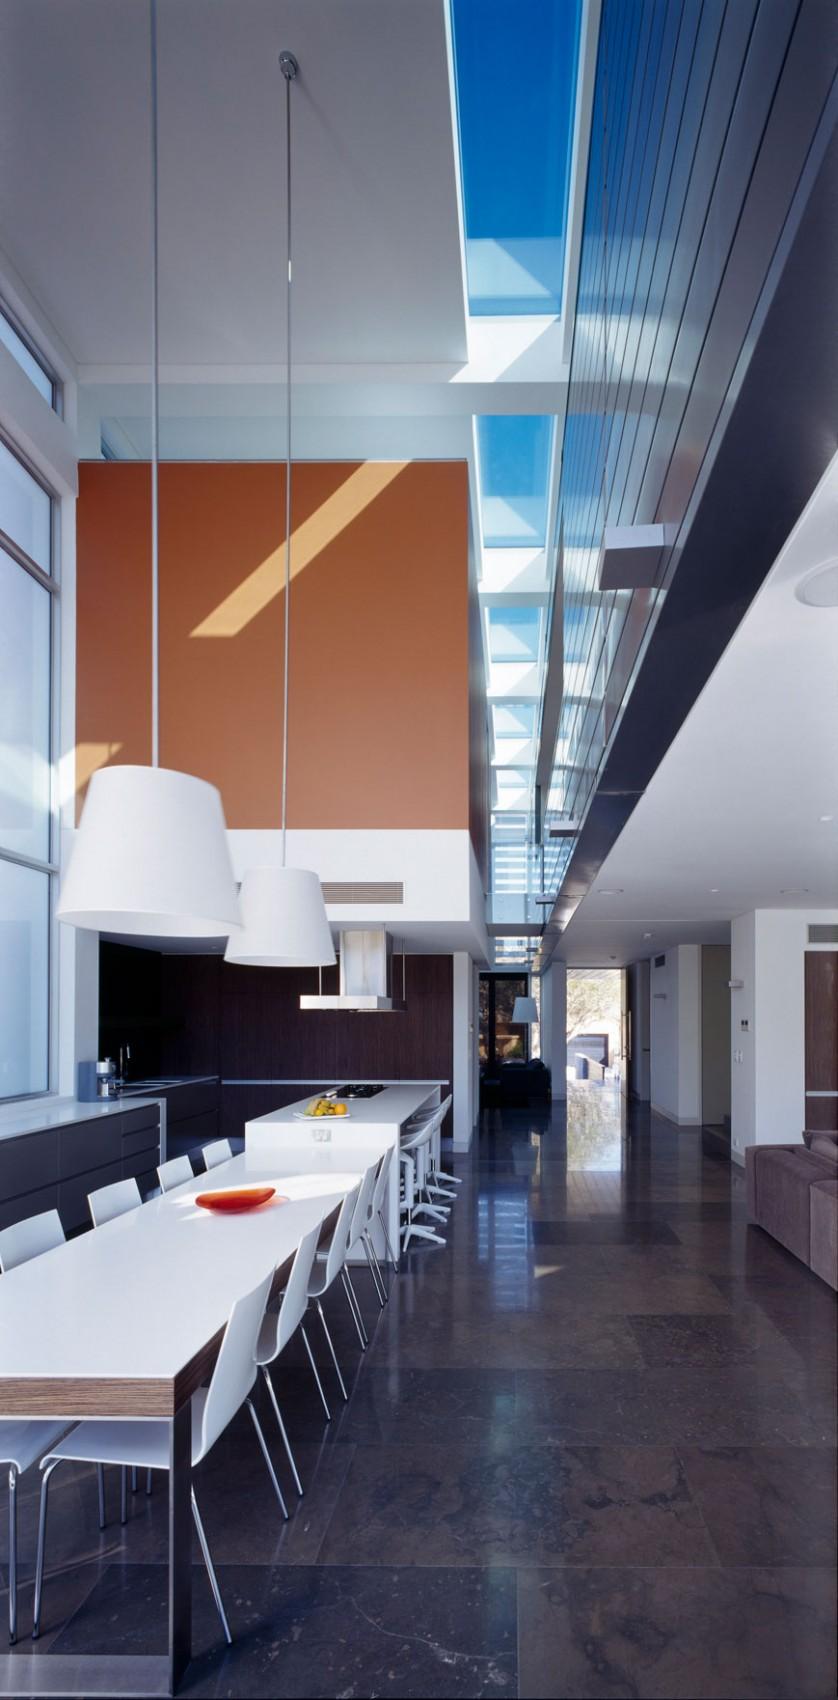 Architetturedinterni-Raffinato-stile-urbano-a Sydney-12